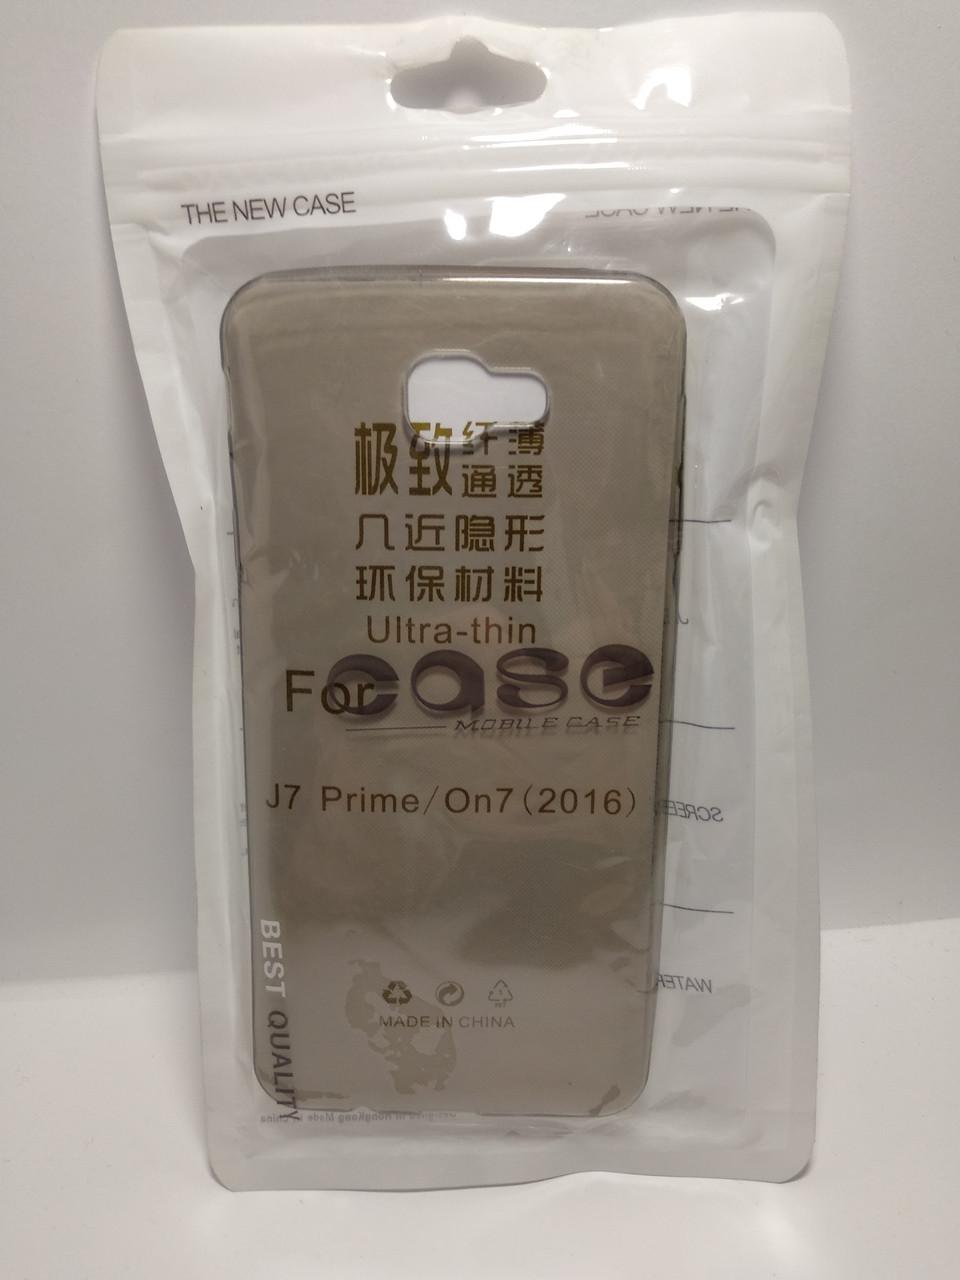 Силиконовый чехол Case Samsung Galaxy J7 Prime   On 7 (2016) затемненный